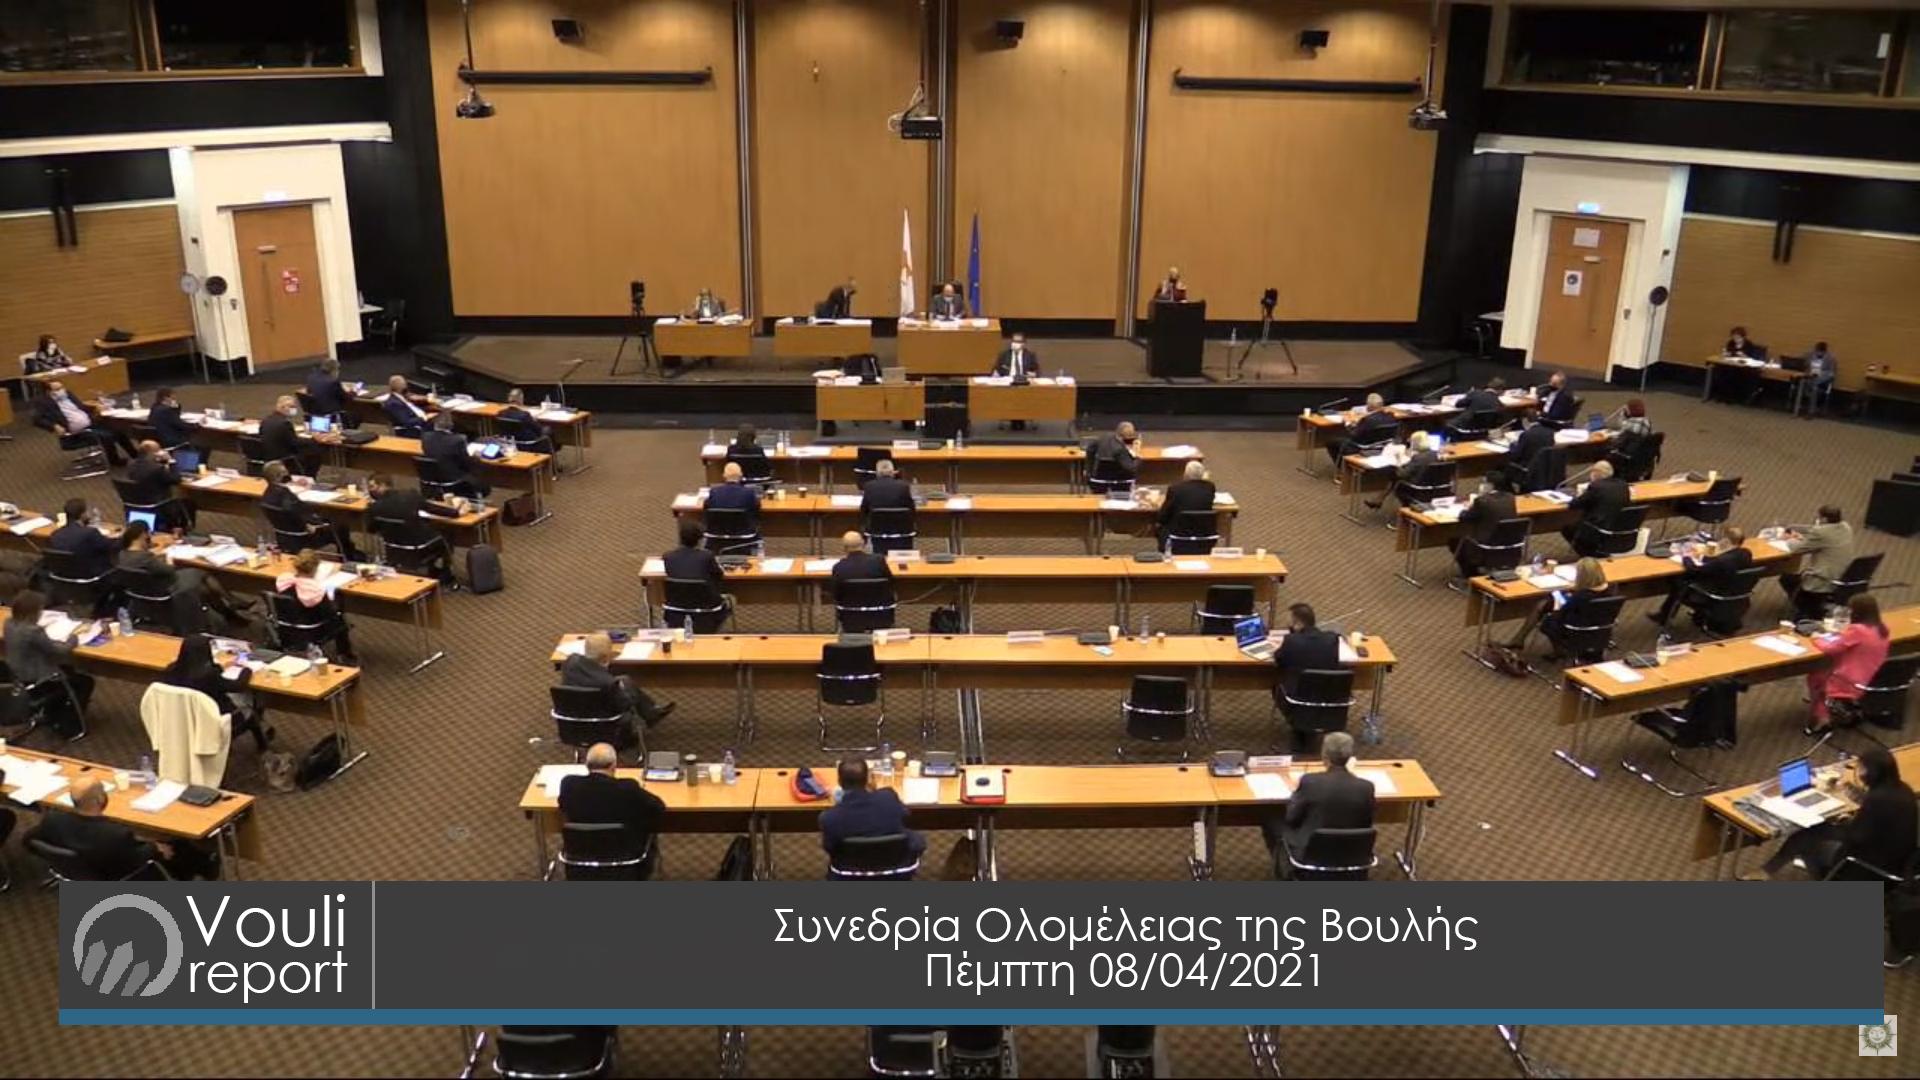 Συνεδρία Ολομέλειας της Βουλής | 08/04/2021